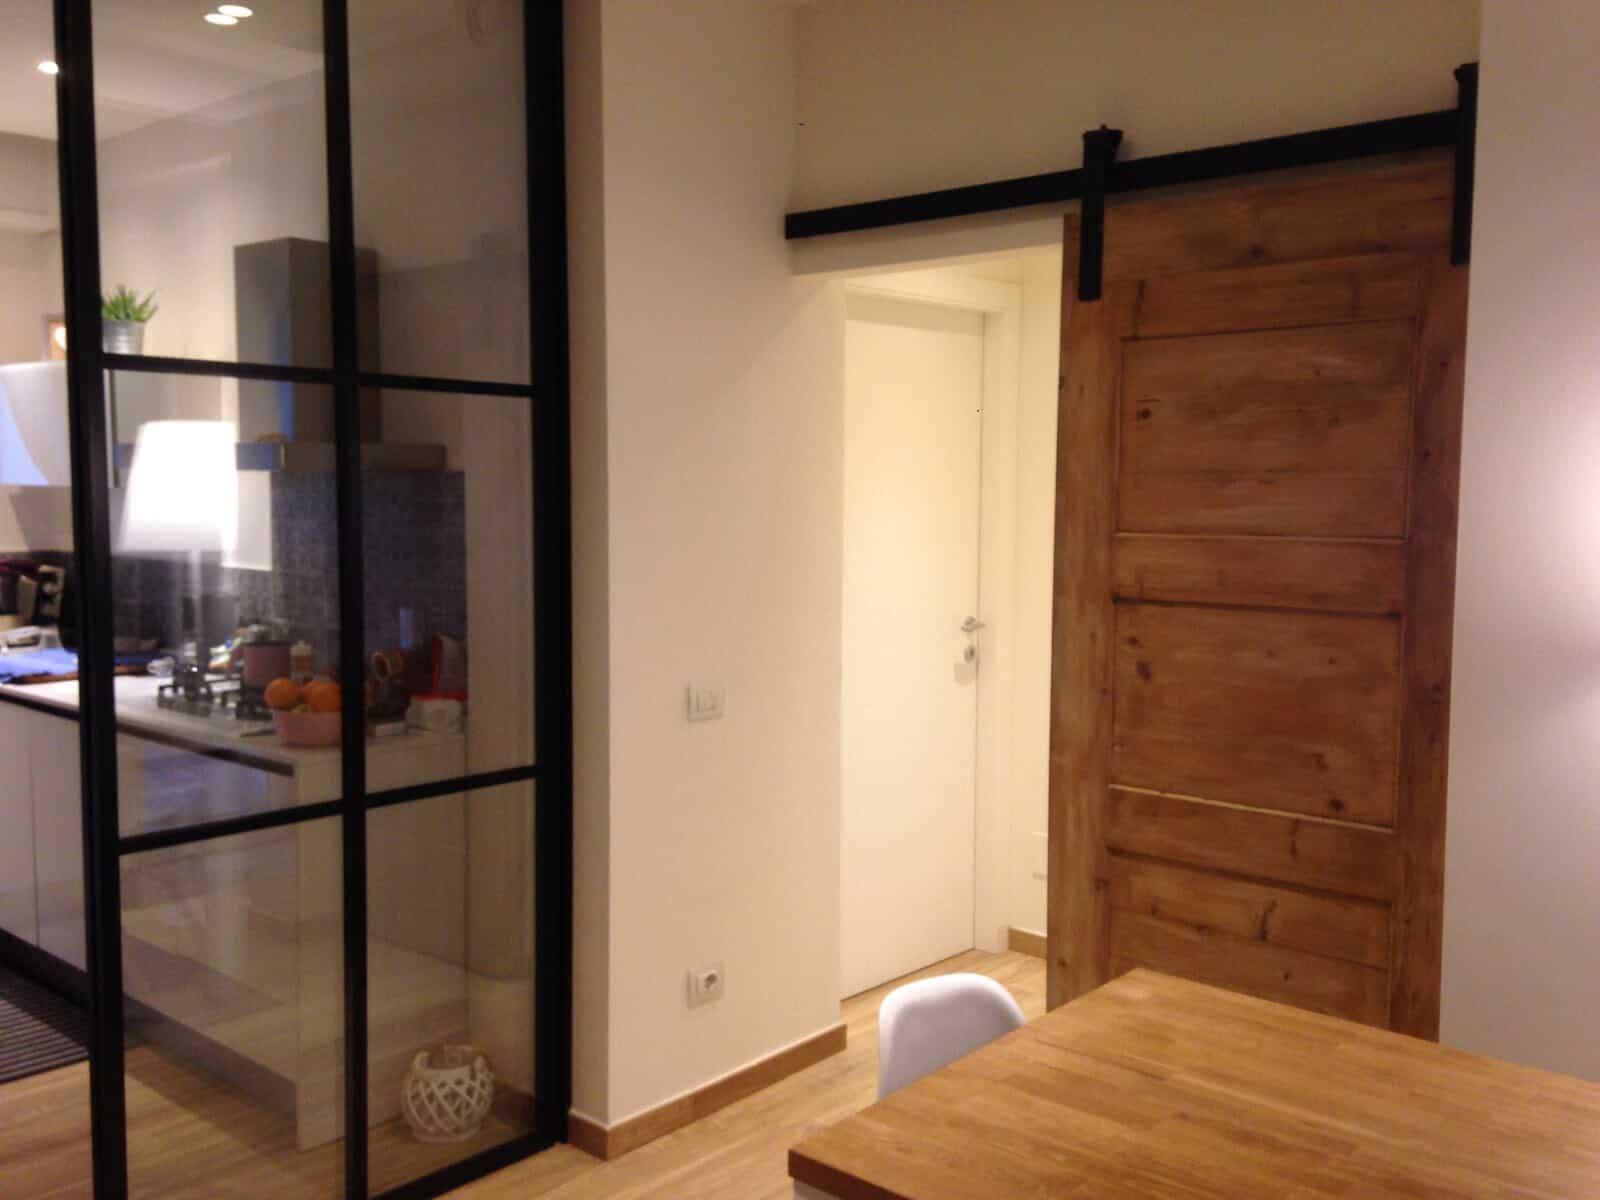 Appartamento stile industriale con porta scorrevole - Porta scorrevole esterna muro ...